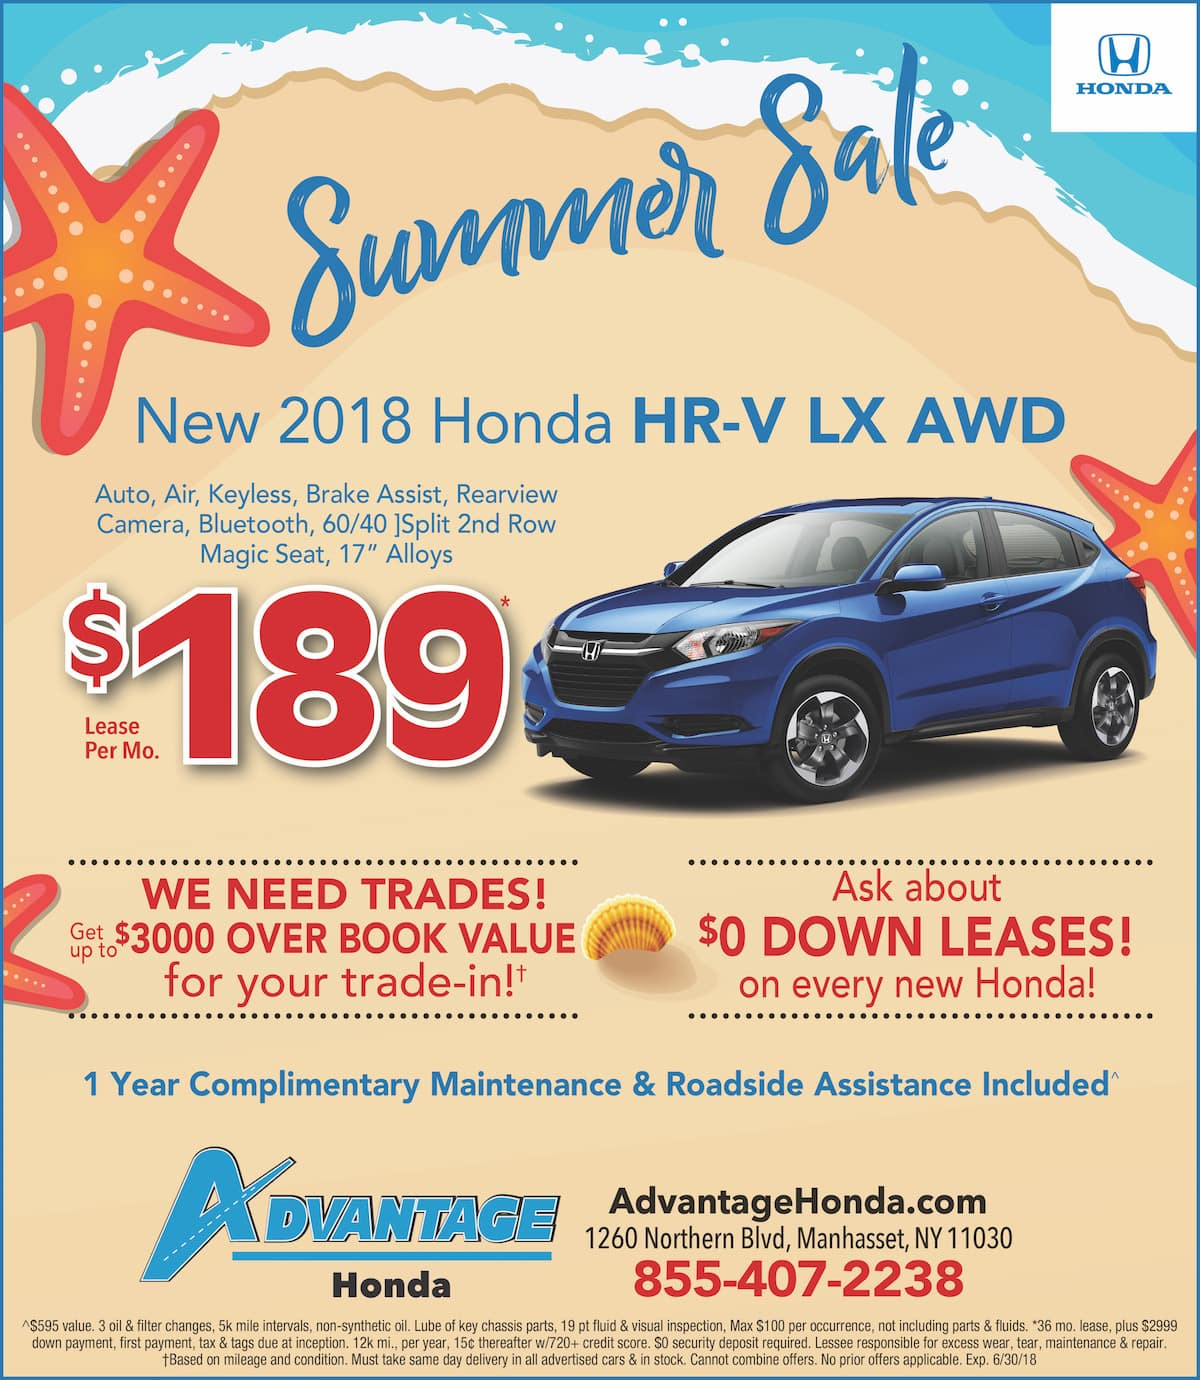 New Honda HR-V Lease Special in Manhasset, New York